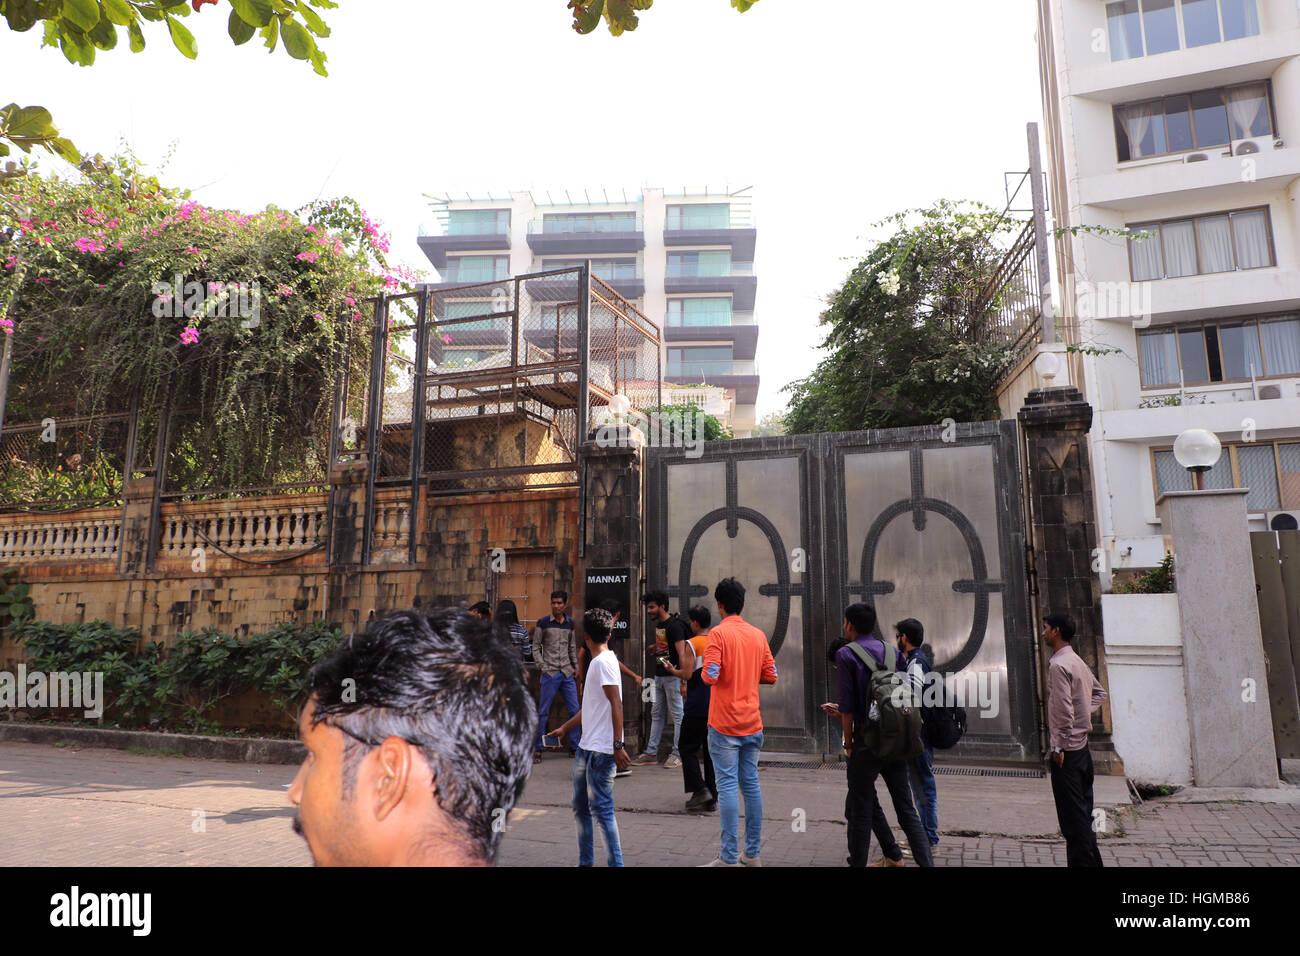 Mannat shahrukh khan house images